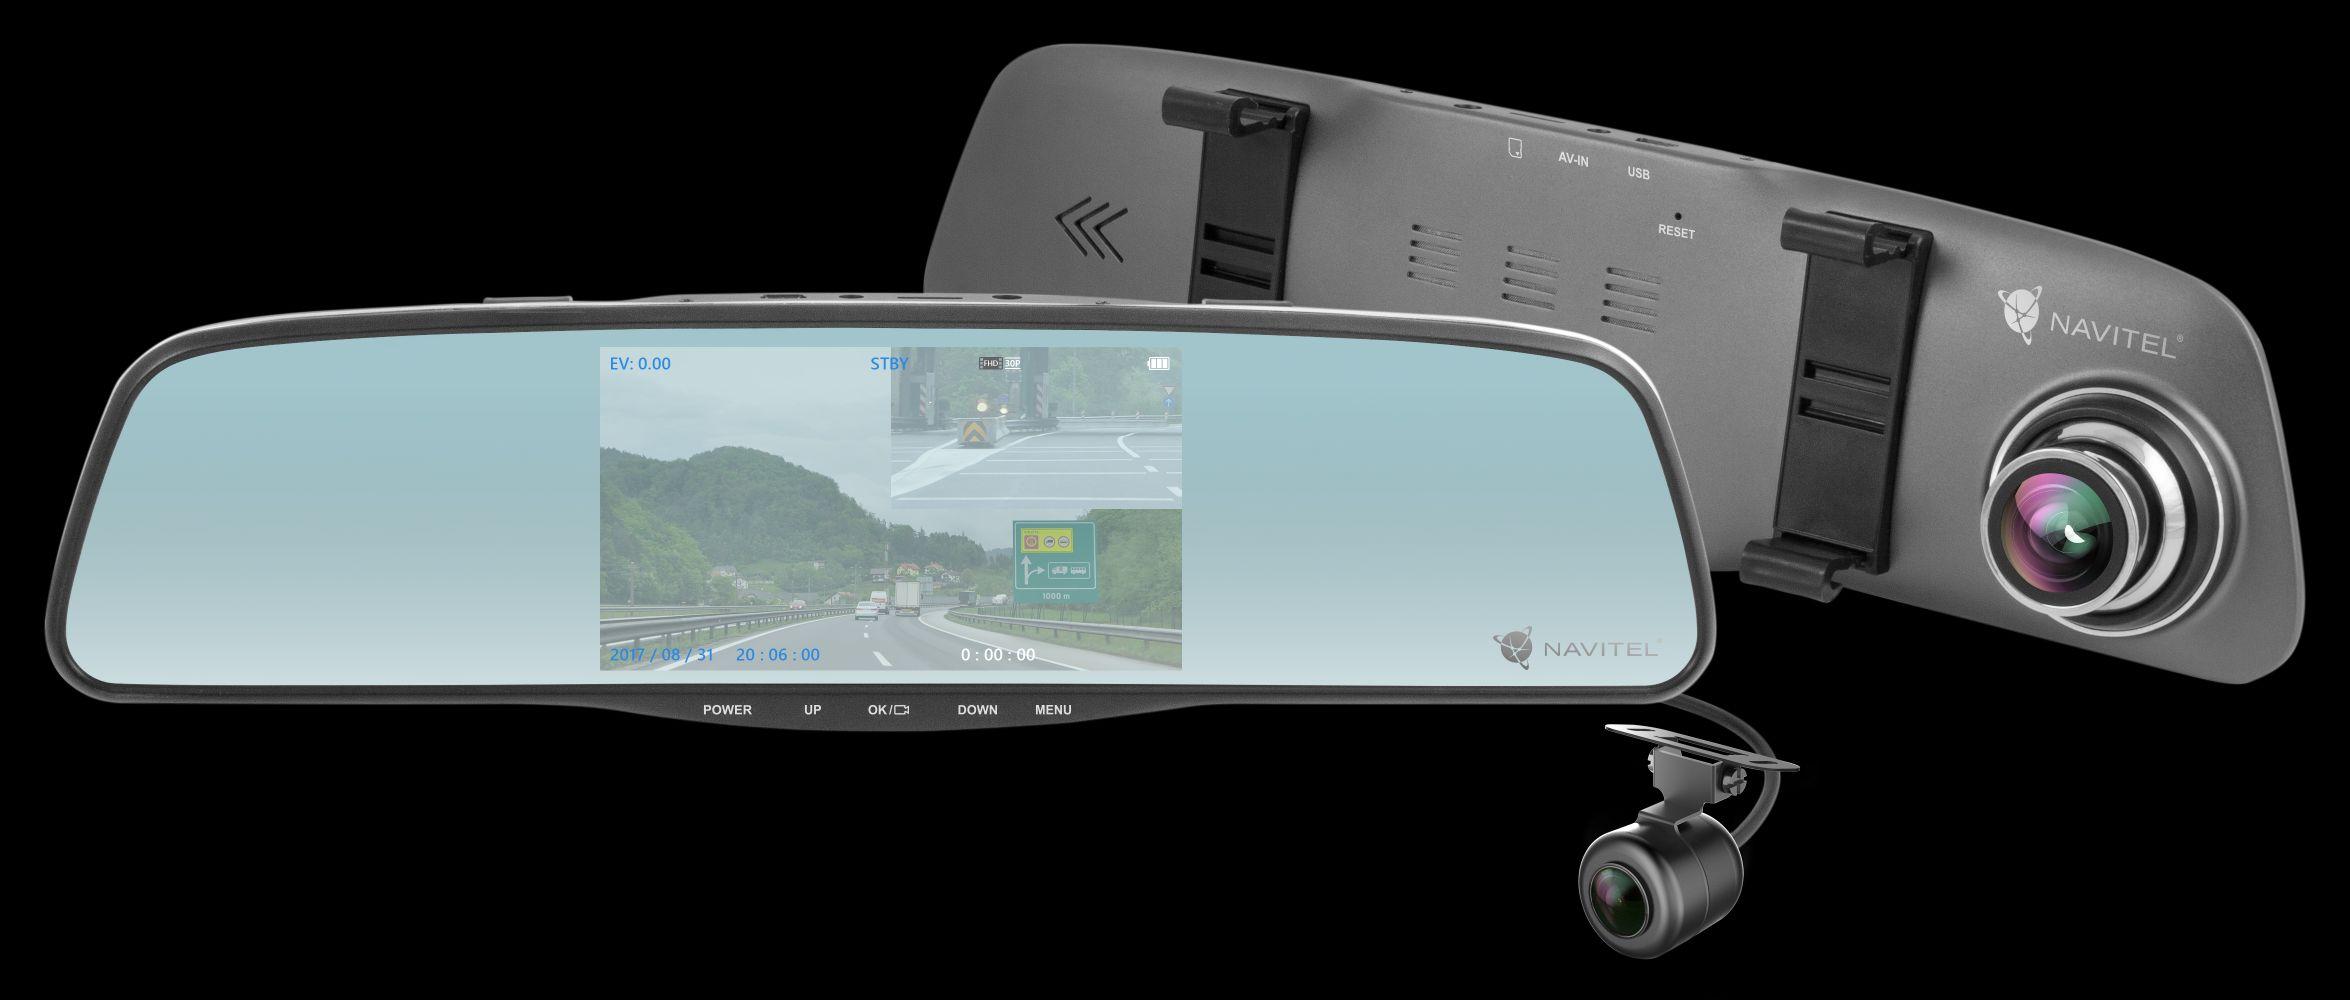 NAVITEL MR250 - lusterko wsteczne, wideorejestrator i kamera cofania w jednym już do kupienia w Polsce 19